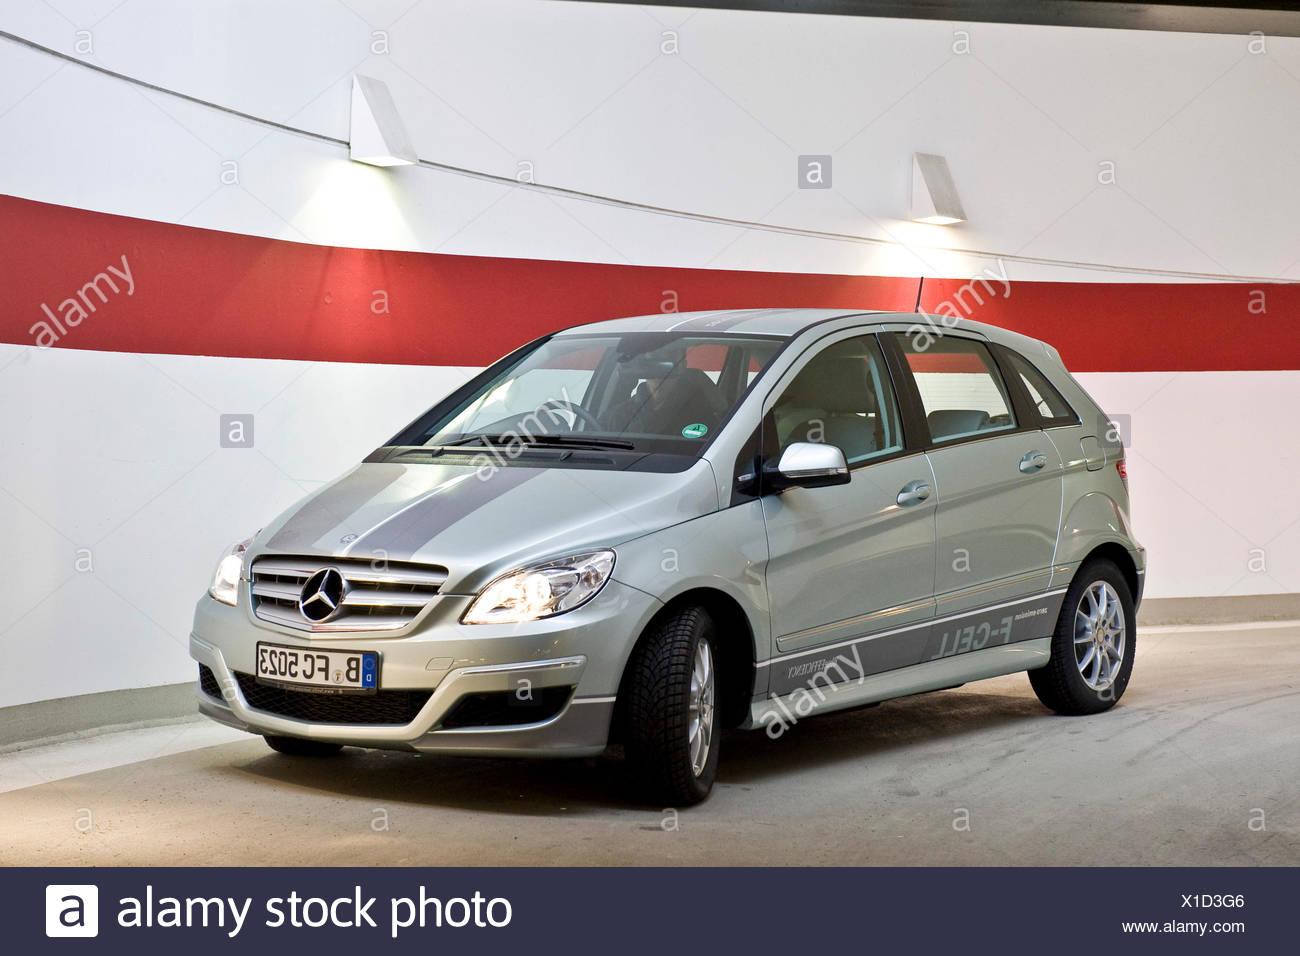 Cella a combustibile idrogeno veicolo, Mercedes classe B a zero emissioni, Berlino Immagini Stock